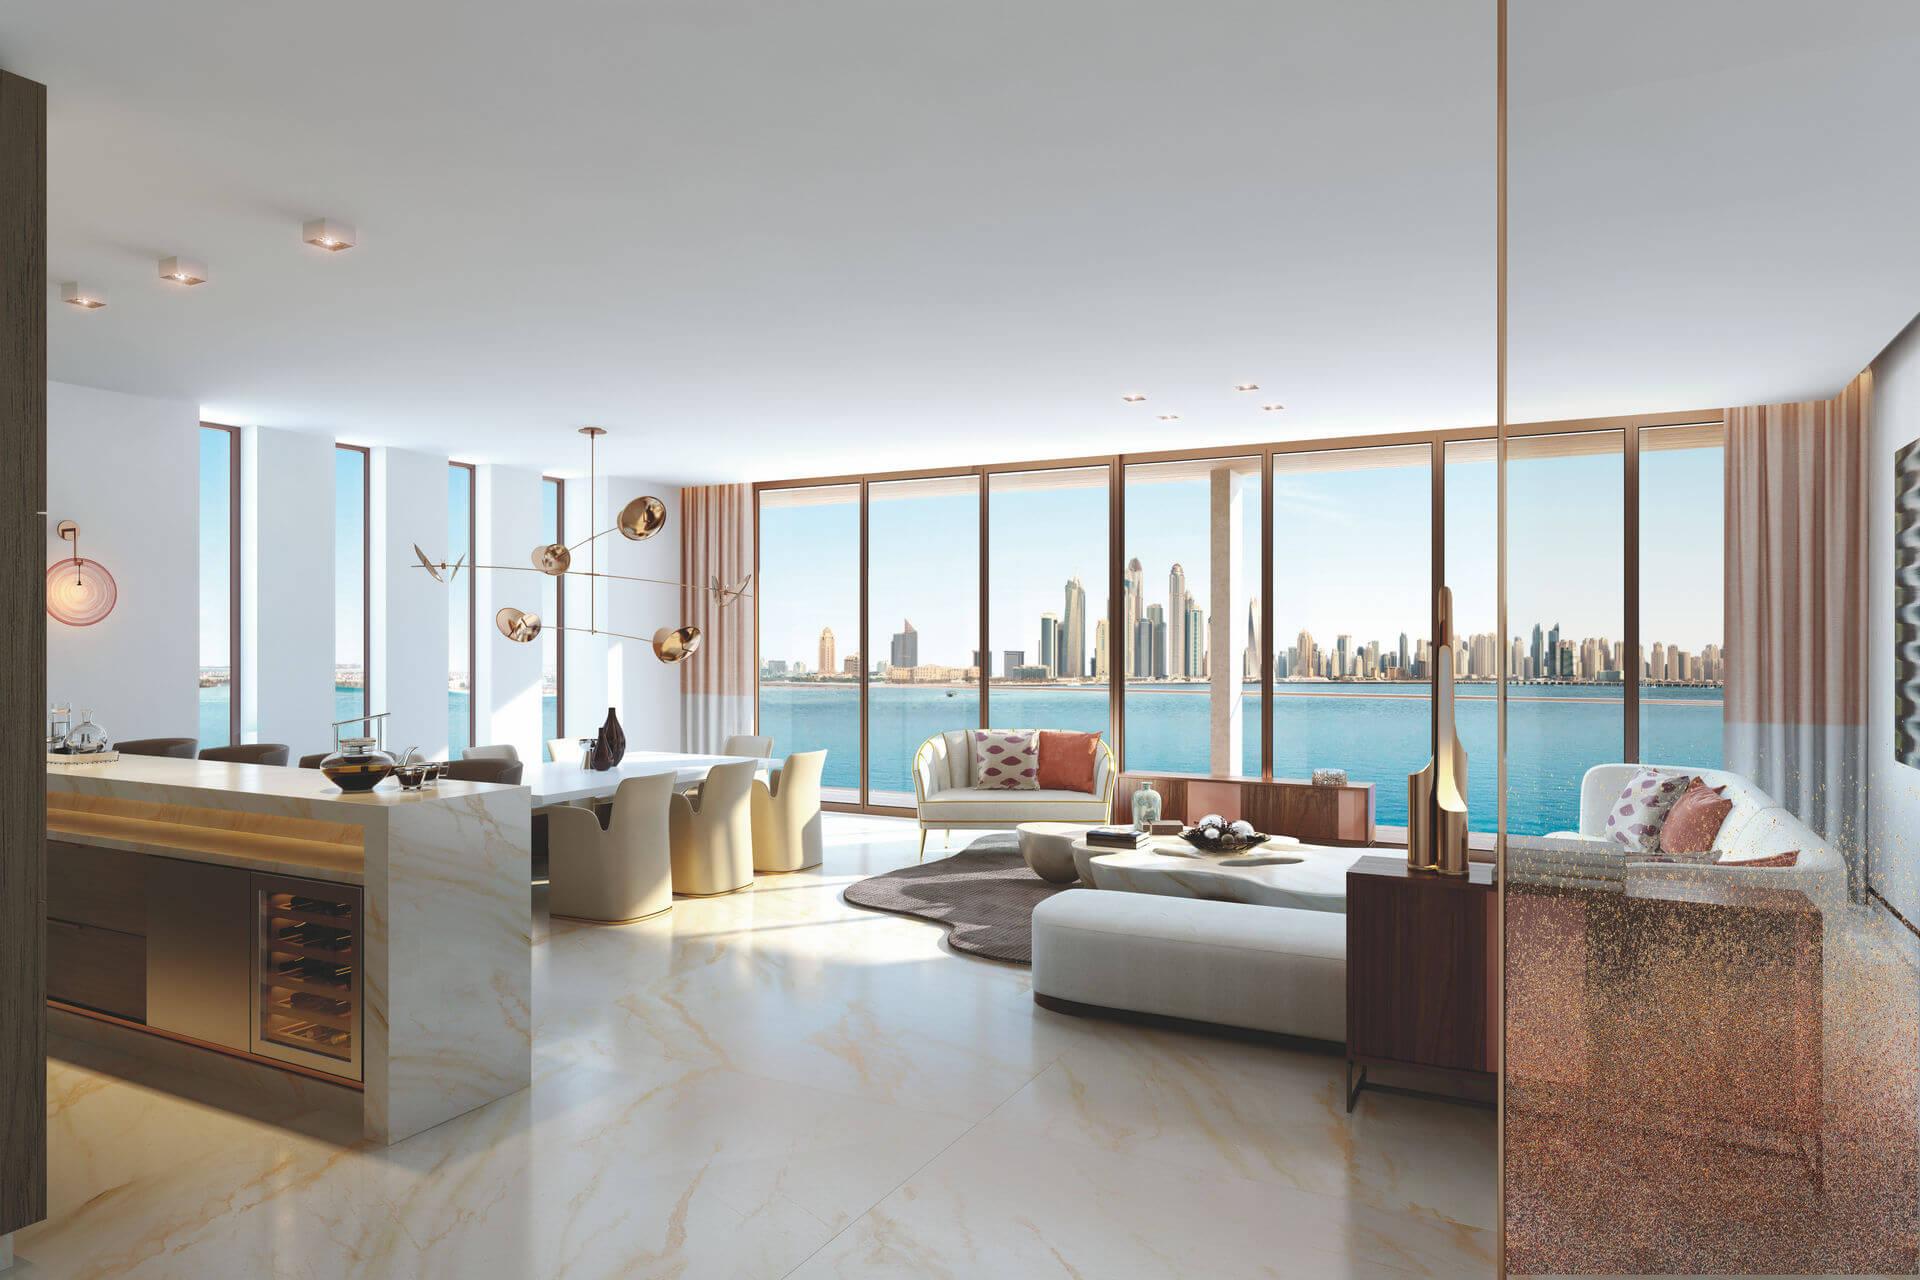 Ático en venta en Dubai, EAU, 5 dormitorios, 1531 m2, № 23843 – foto 9